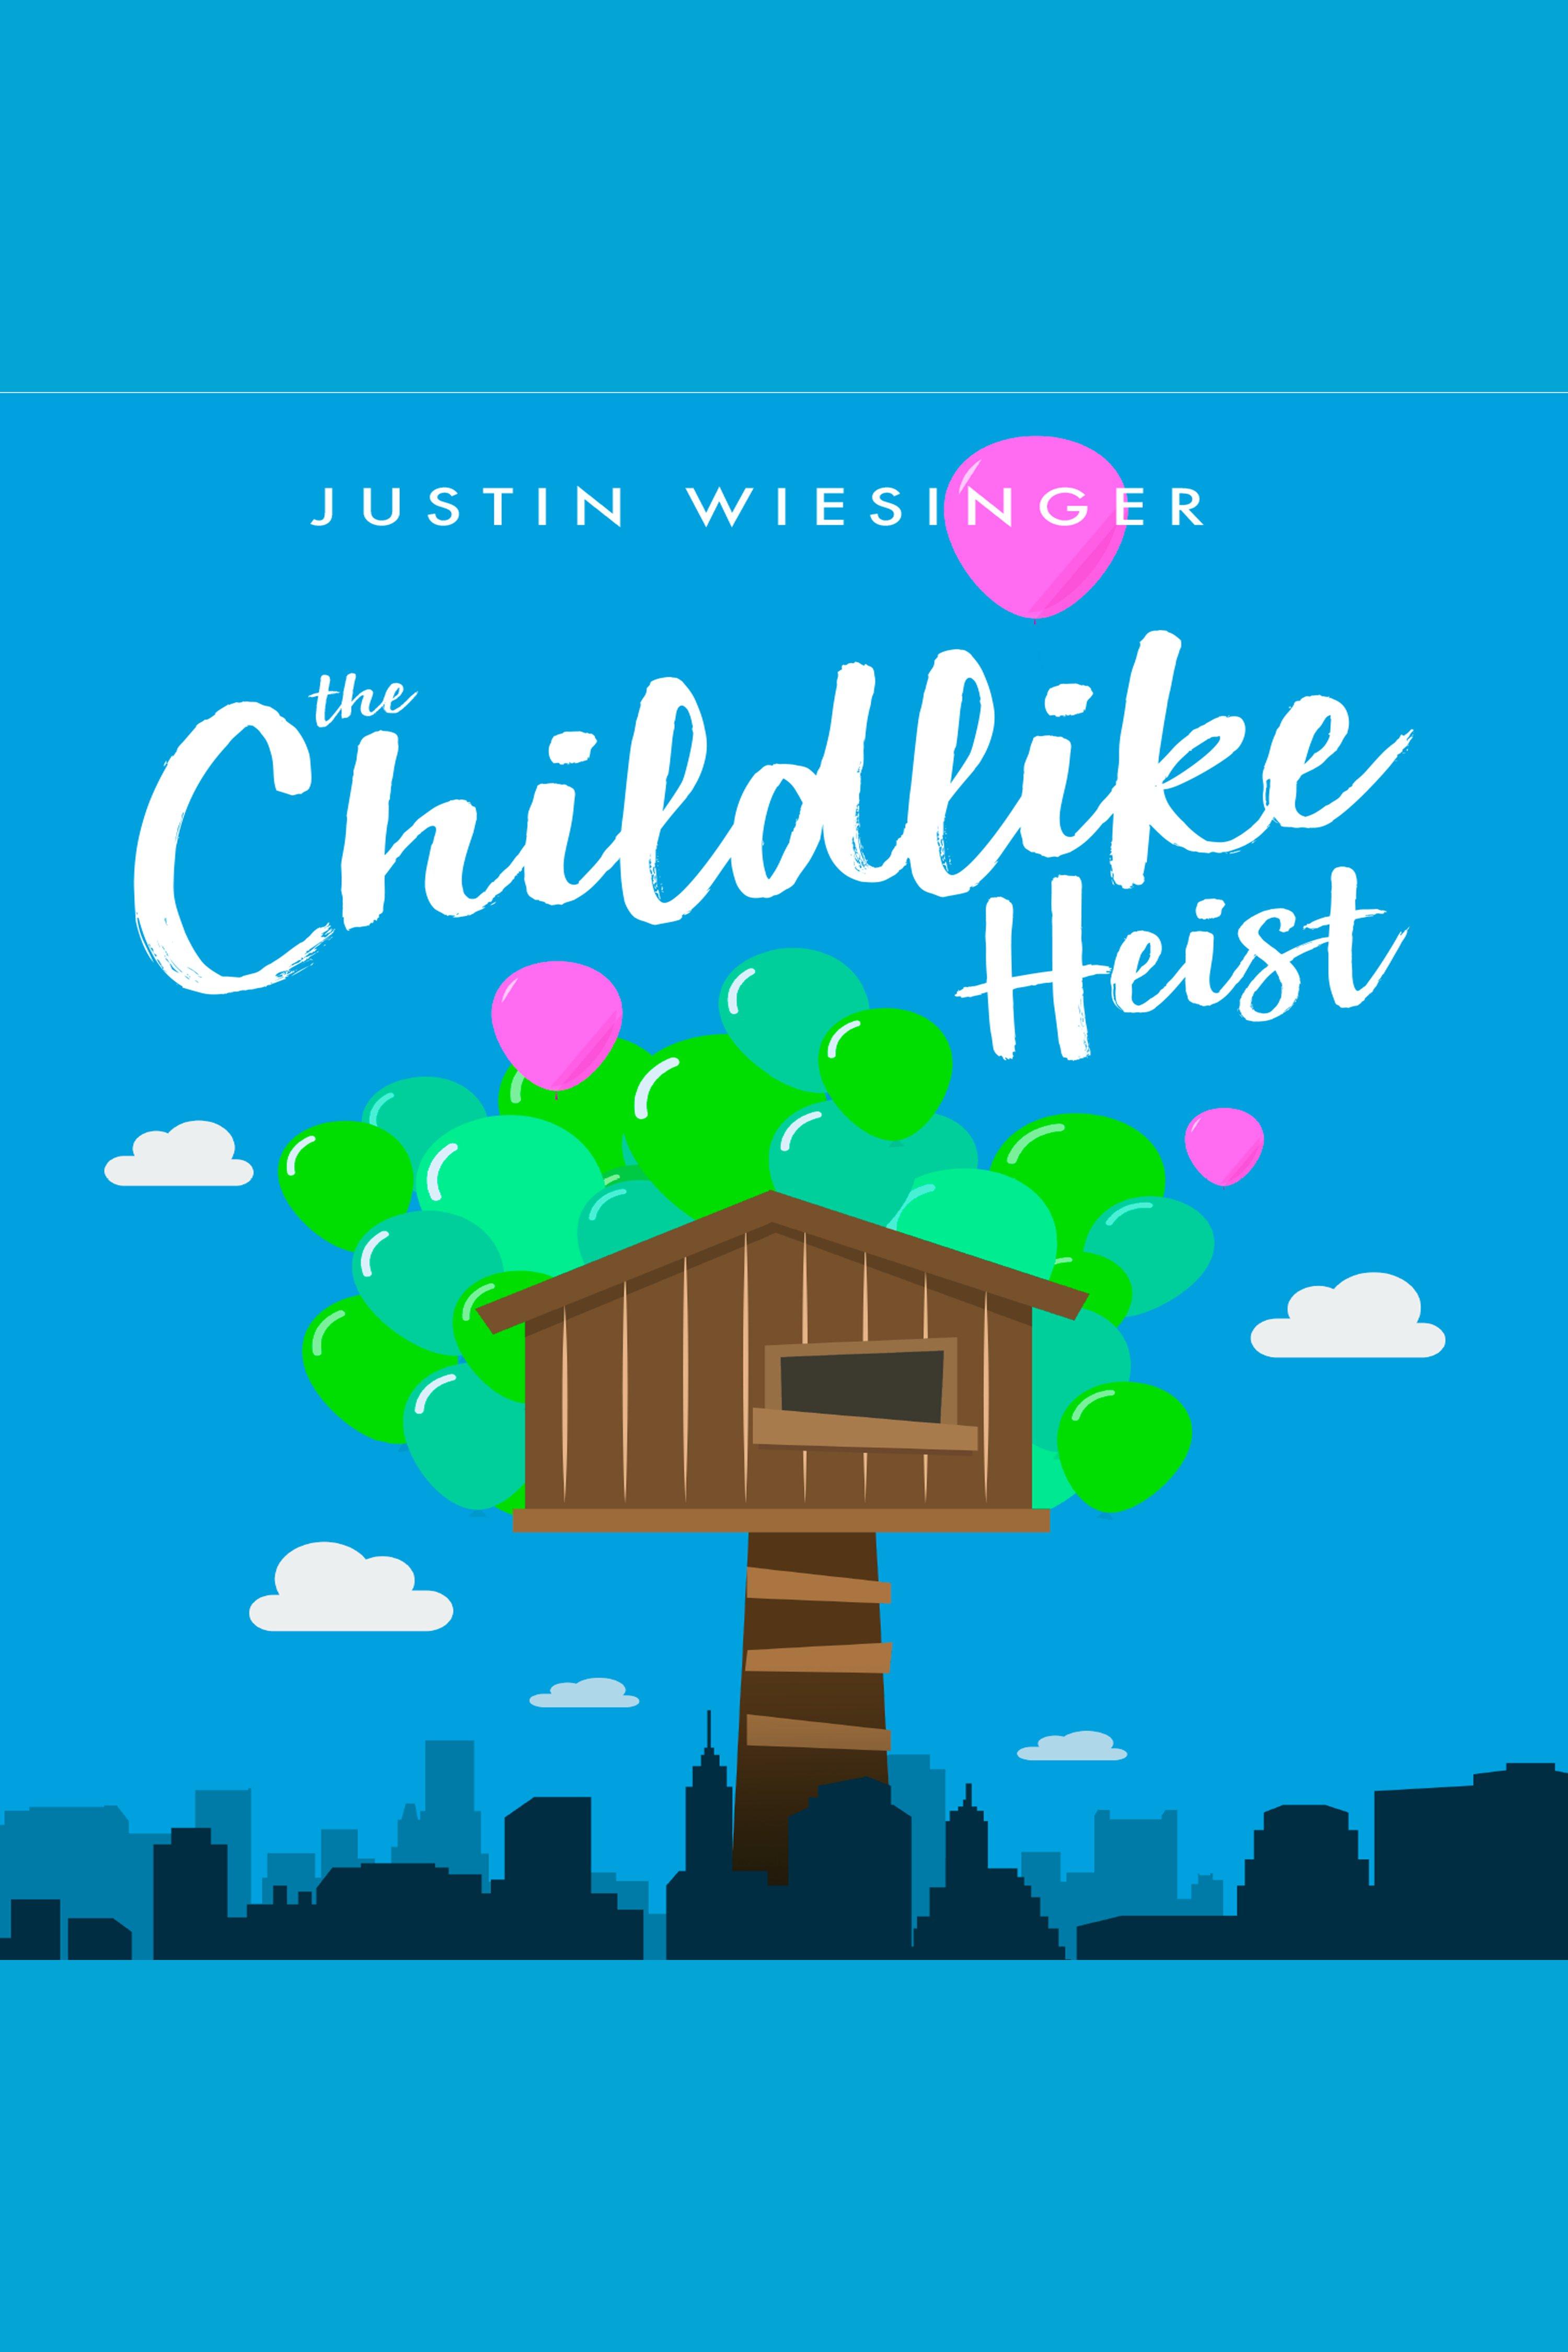 The Childlike Heist